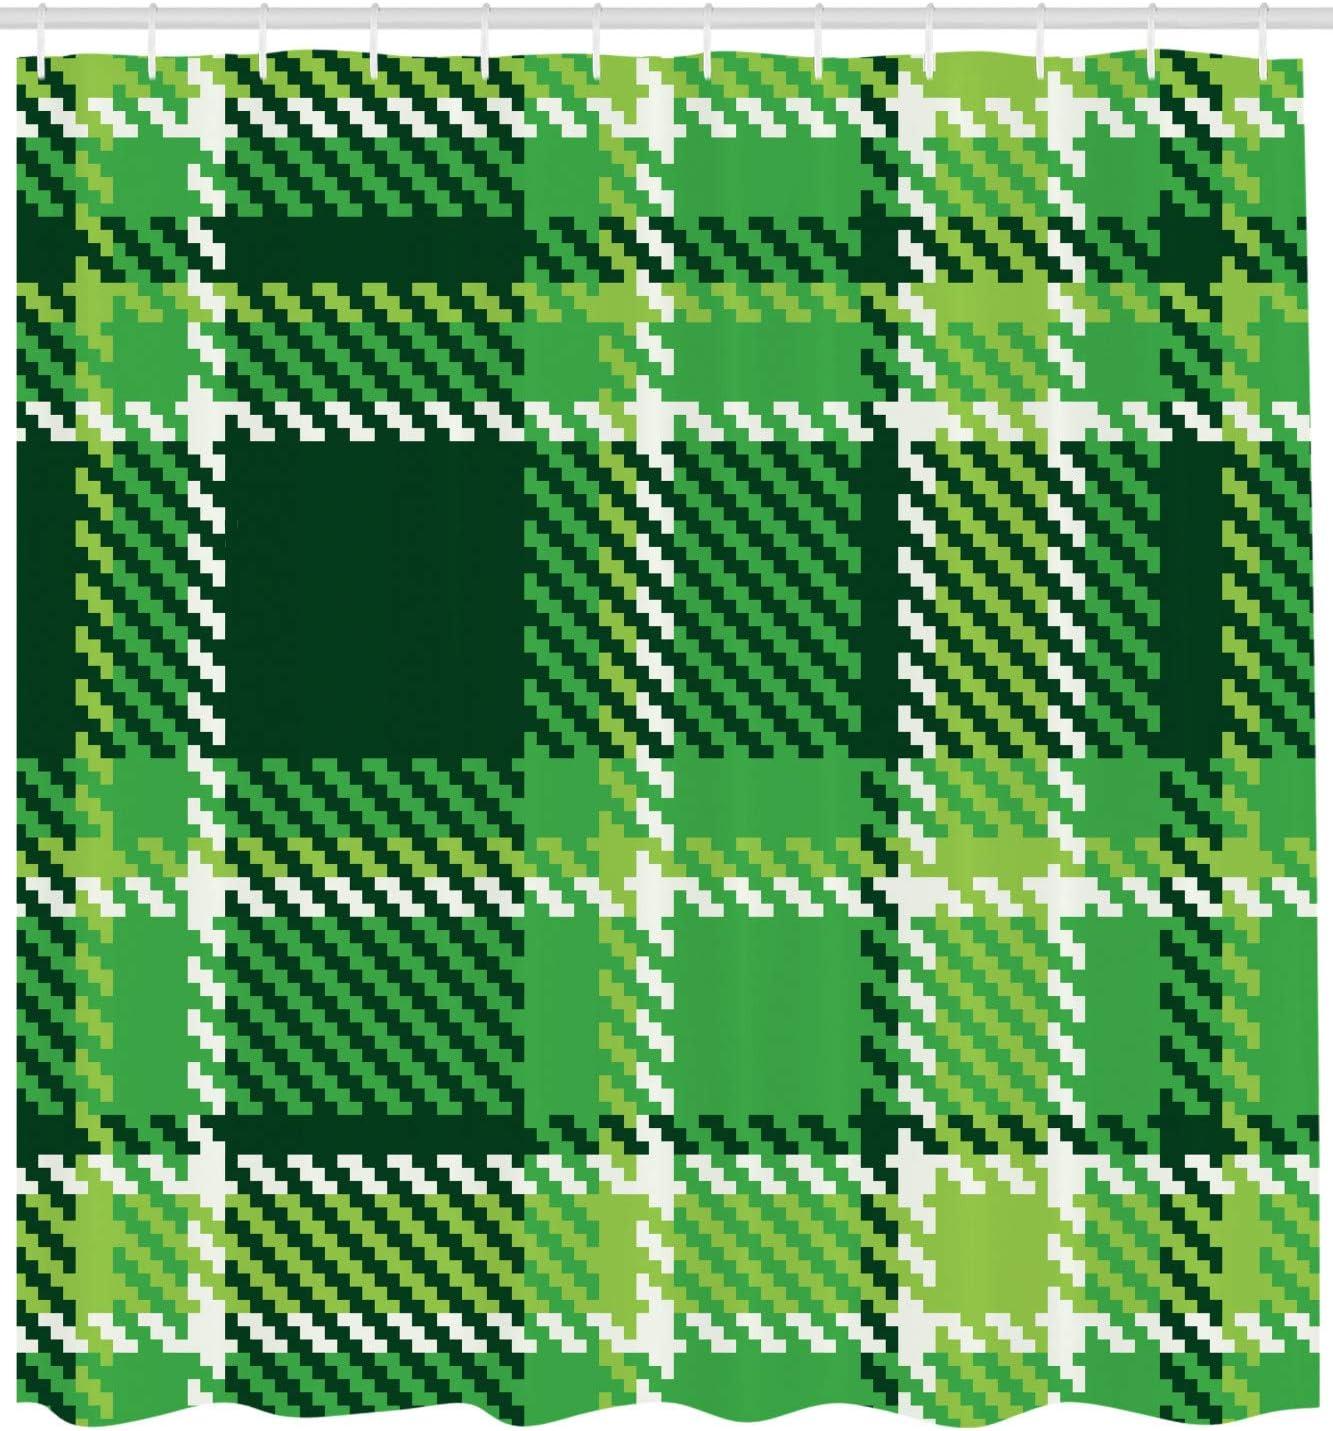 Mosaico Verde İrlandesa Esmeralda Verde Lima Blanca ABAKUHAUS A Cuadros Cortina de Ba/ño Material de Colores Vibrantes Estampas Personalizadas Antimoho 175 x 180 cm